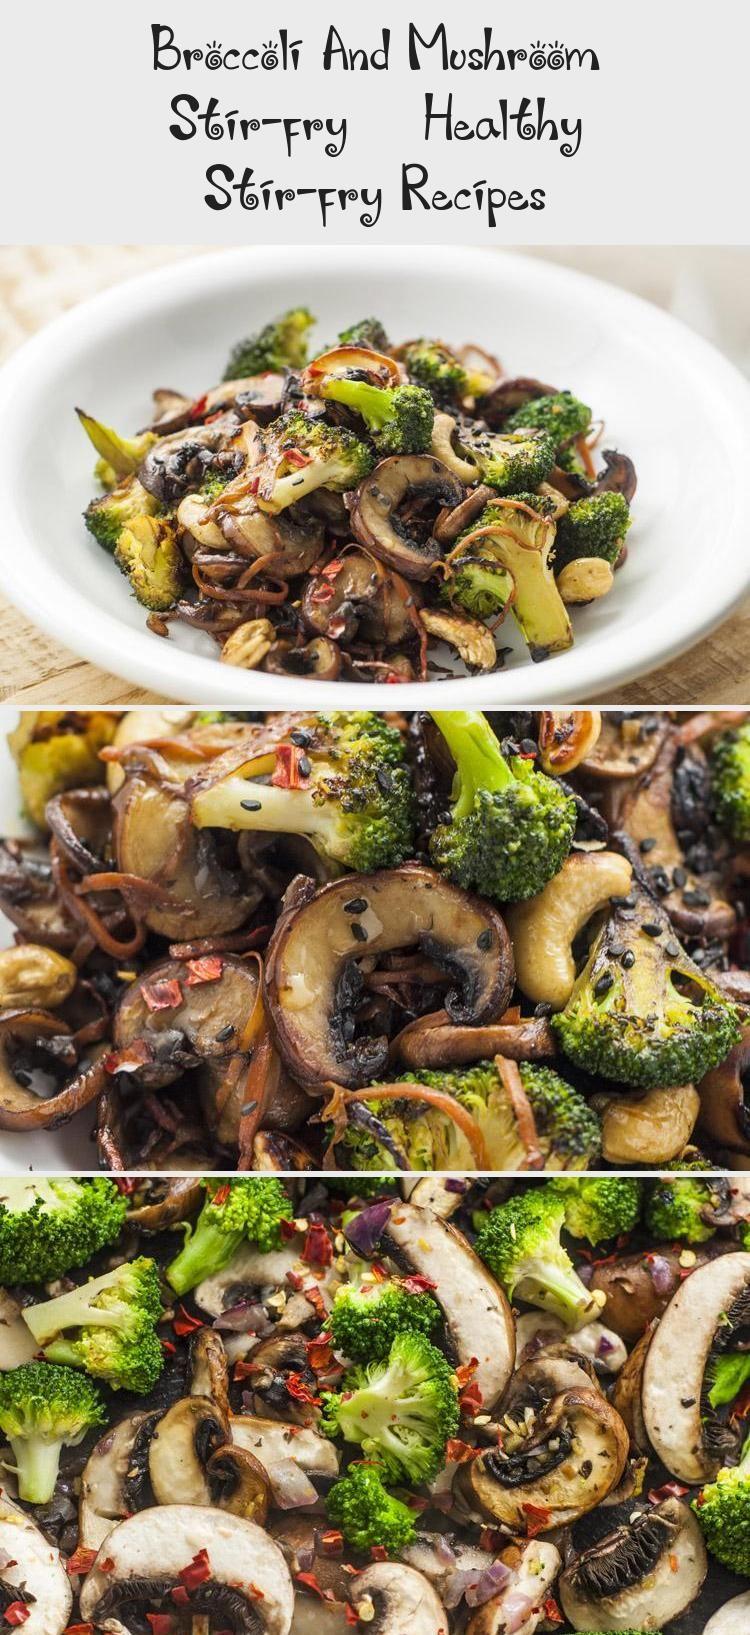 Broccoli And Mushroom Stir-fry | Healthy Stir-fry Recipes #healthystirfry